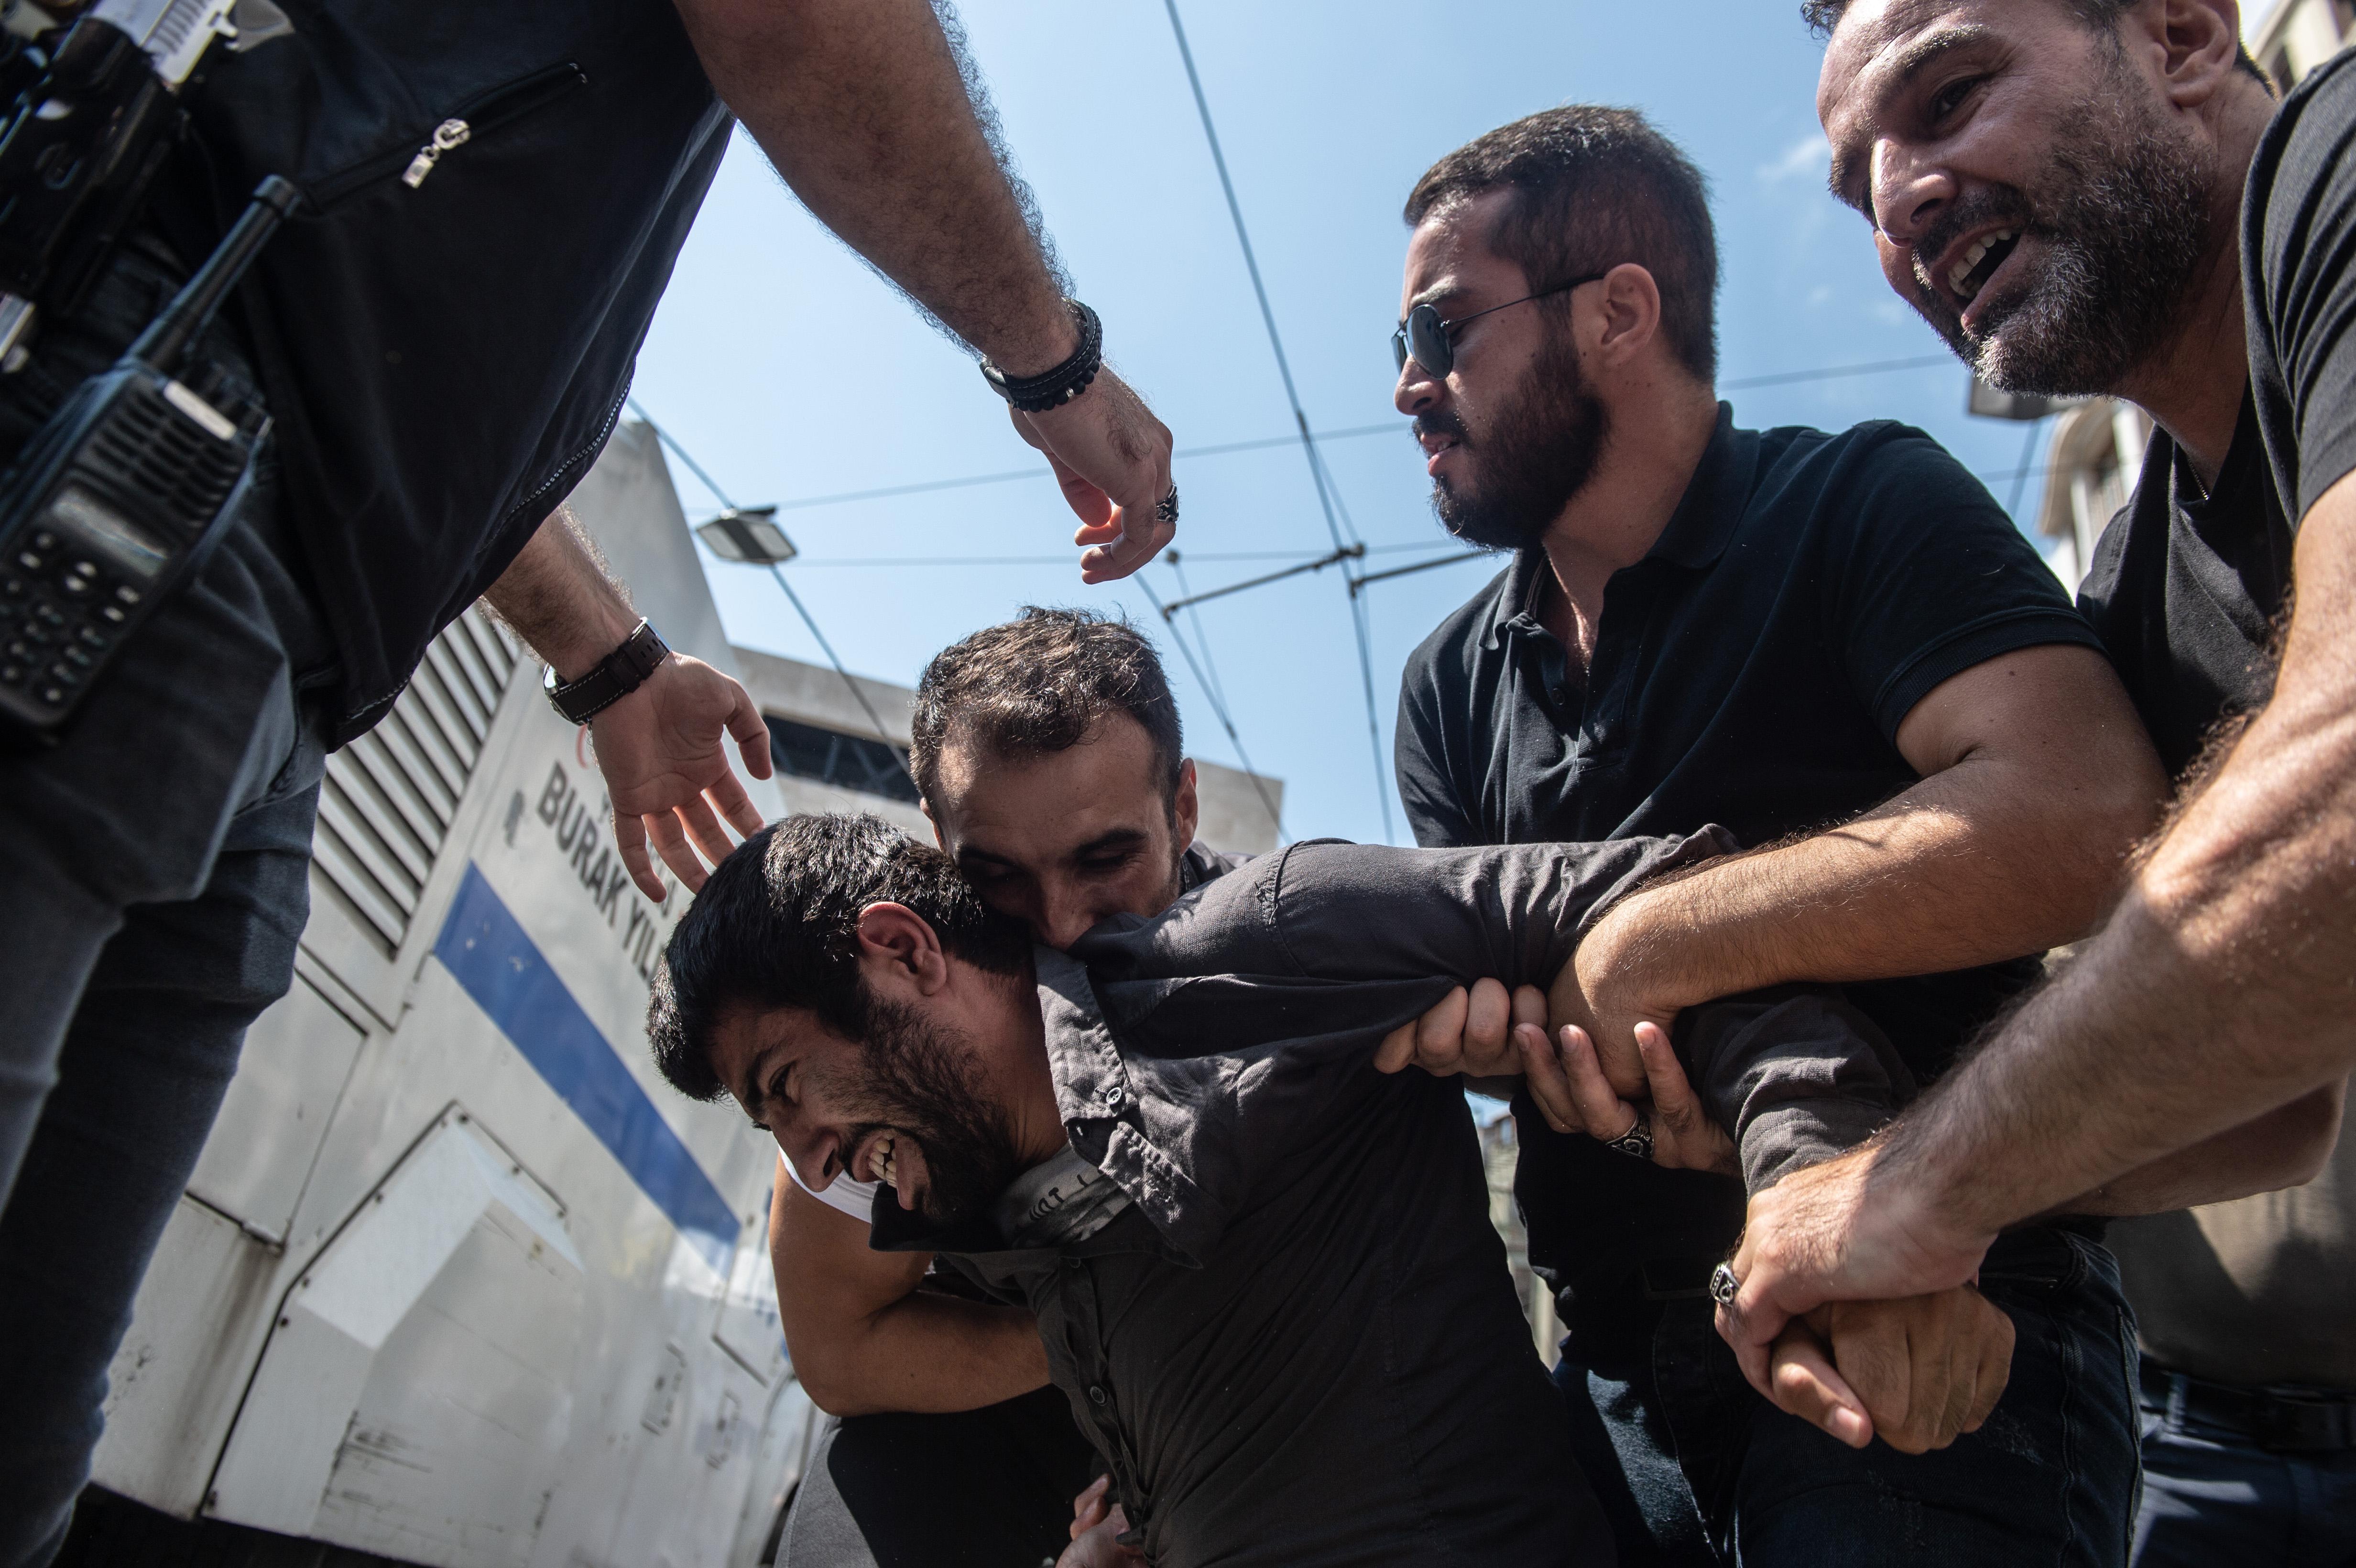 الشرطة التركية تعتقل متظاهرا في اسطنبول